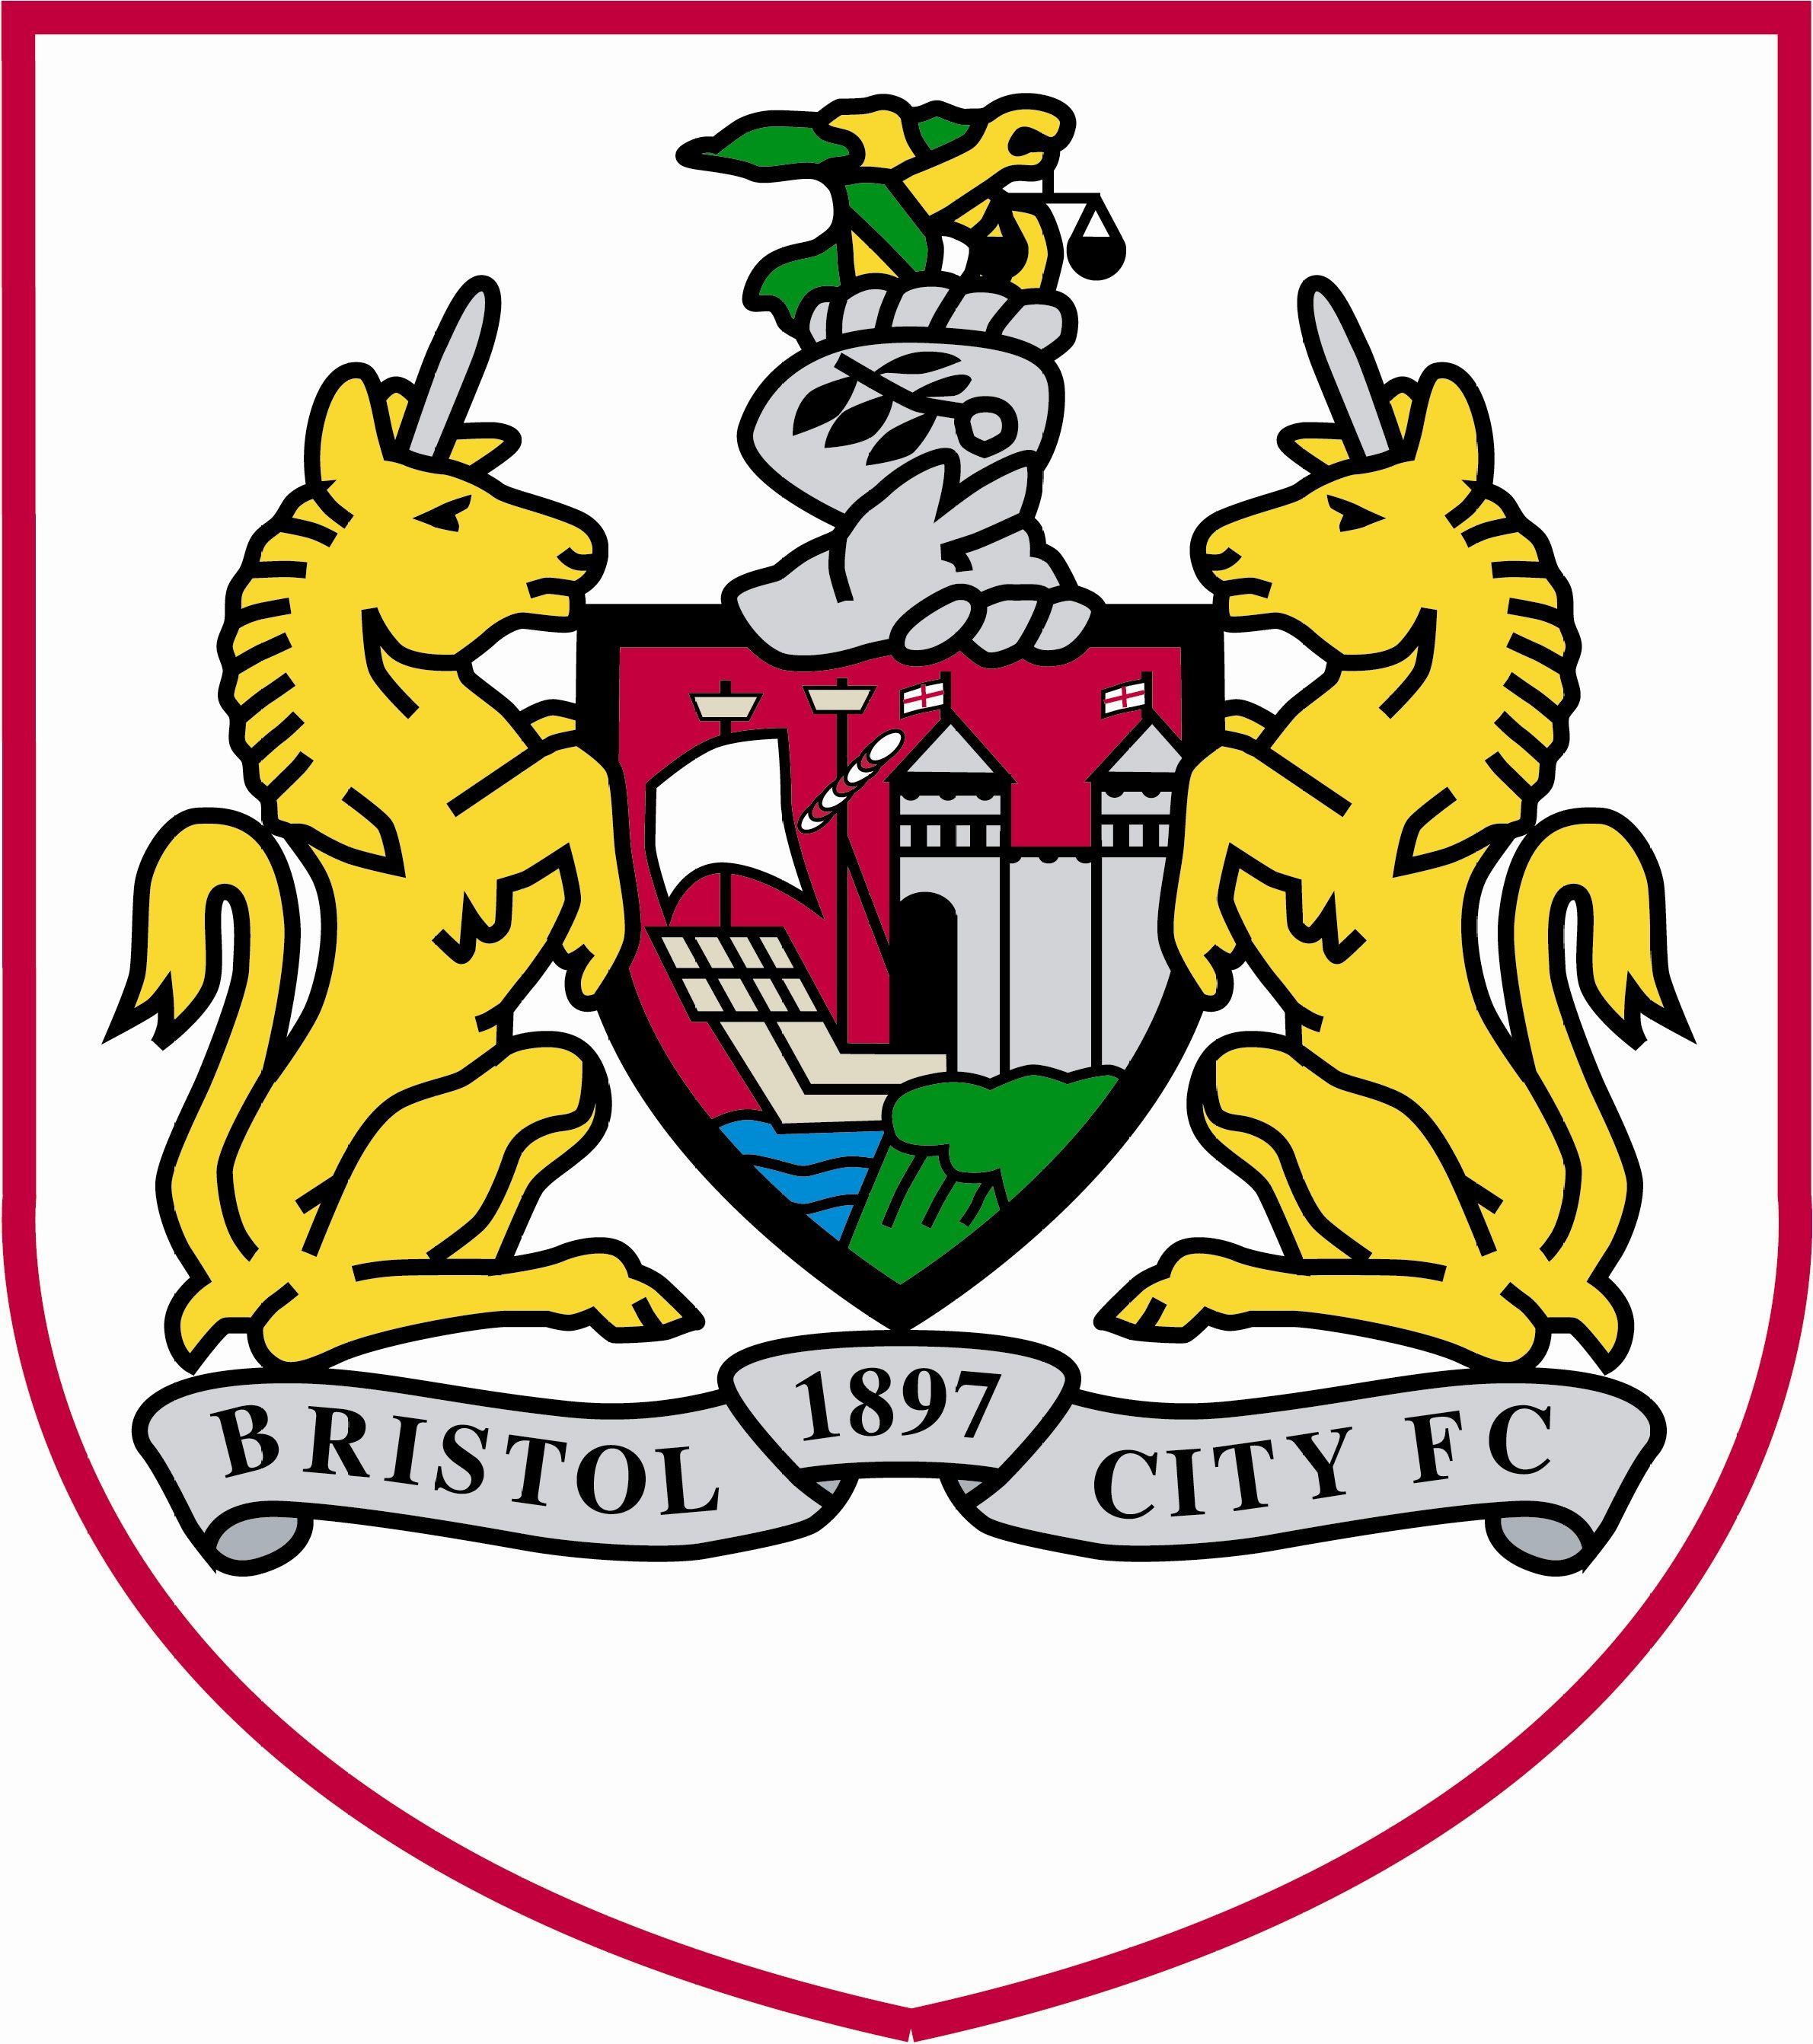 Bristol City Escudos De Futebol Bristol City Escudos De Times